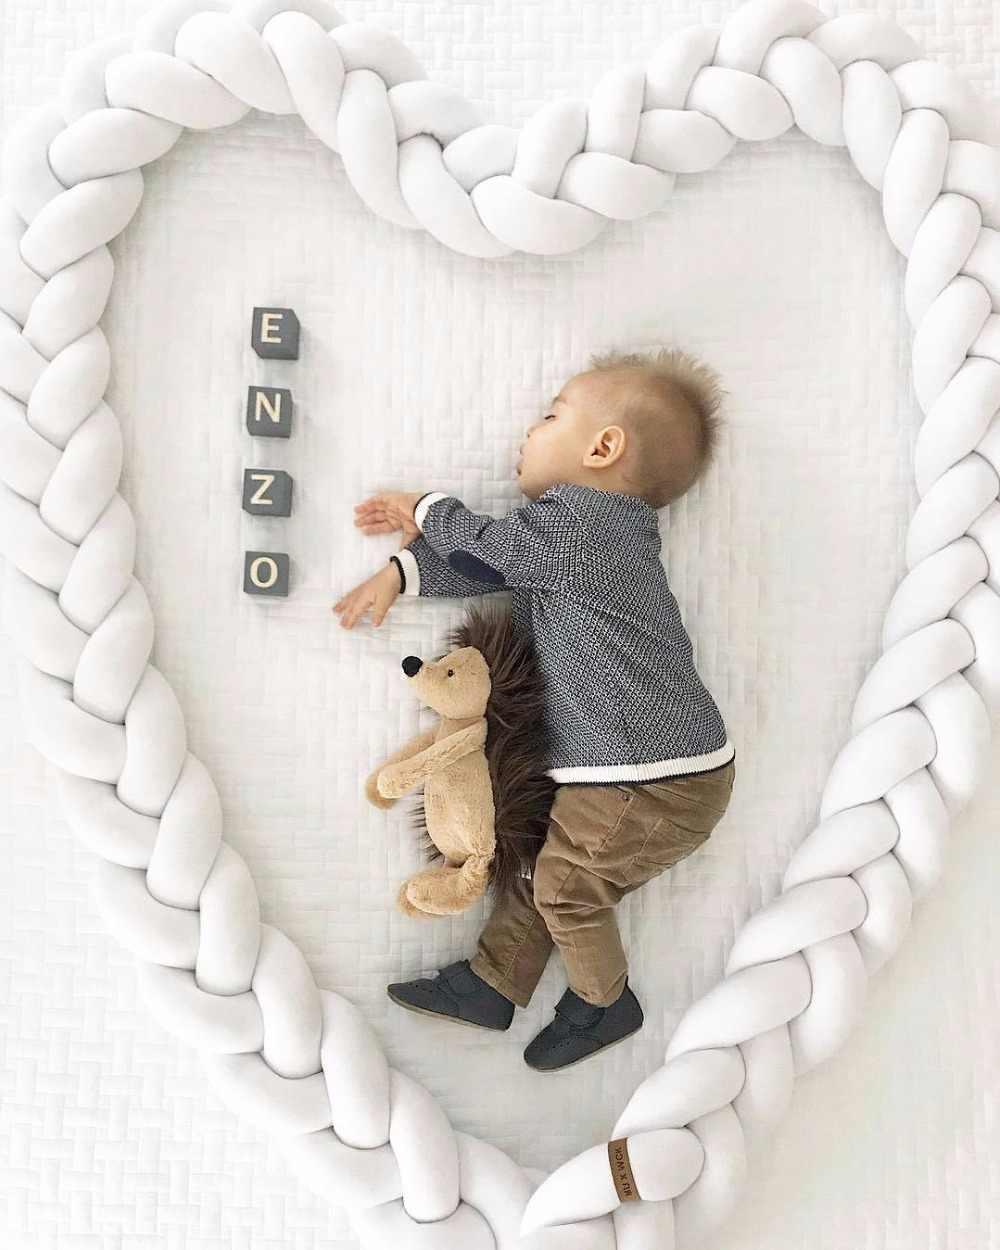 ความยาว 200 ซม.สูง 12 ซม.สีทารก Soft Pad Braided กันชน Knot หมอน Cradle Decor สำหรับ baby Girl and Boy